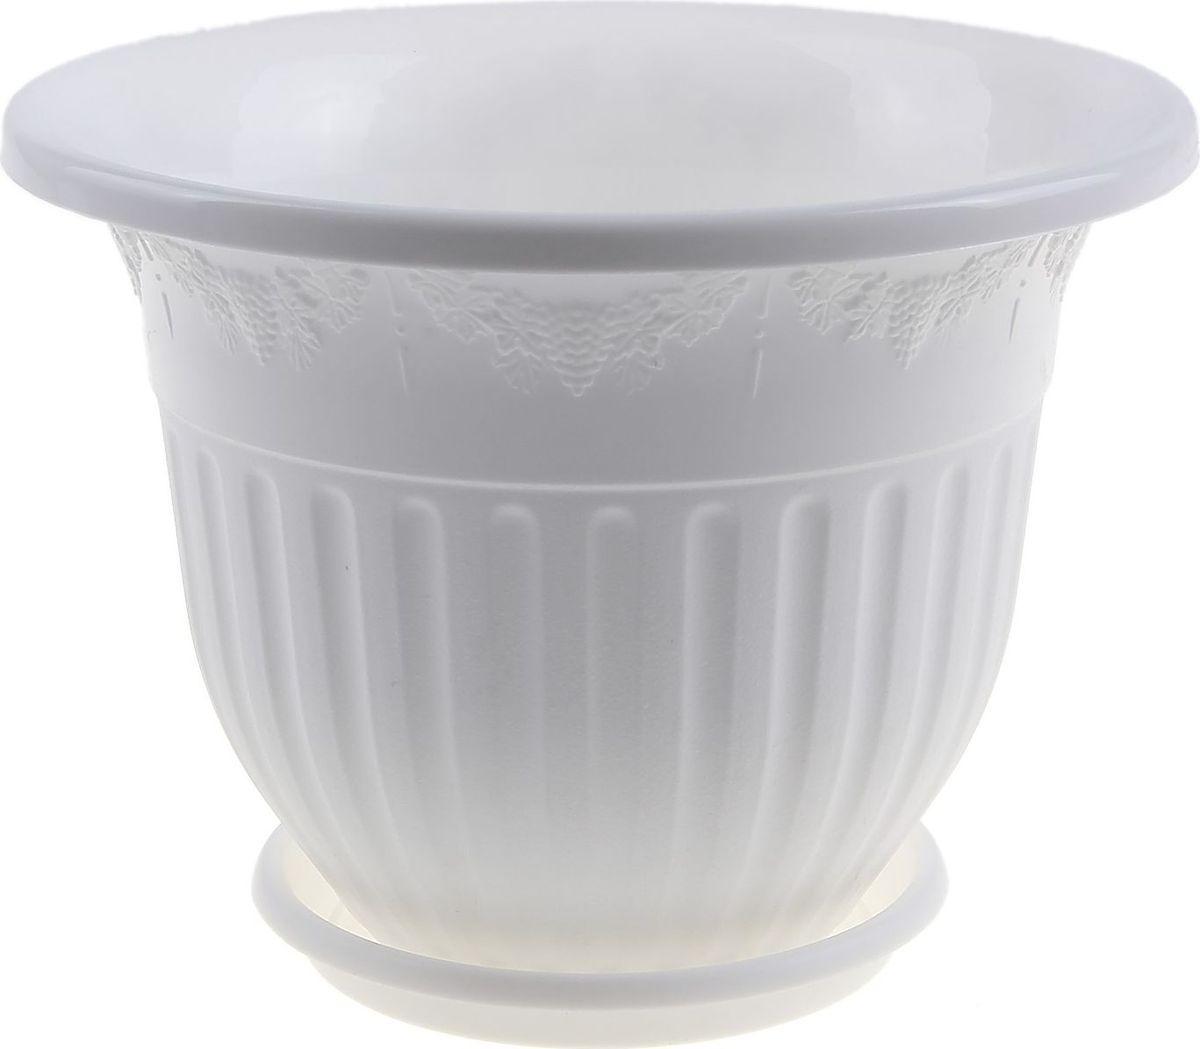 Кашпо Альтернатива Лозанна, с поддоном, цвет: белый, 1,5 л531-401Любой, даже самый современный и продуманный интерьер будет не завершённым без растений. Они не только очищают воздух и насыщают его кислородом, но и заметно украшают окружающее пространство. Такому полезному члену семьи просто необходимо красивое и функциональное кашпо, оригинальный горшок или необычная ваза! Мы предлагаем - Горшок-кашпо 1,5 л Лозанна, поддон, цвет белый! Оптимальный выбор материала пластмасса! Почему мы так считаем? Малый вес. С лёгкостью переносите горшки и кашпо с места на место, ставьте их на столики или полки, подвешивайте под потолок, не беспокоясь о нагрузке. Простота ухода. Пластиковые изделия не нуждаются в специальных условиях хранения. Их легко чистить достаточно просто сполоснуть тёплой водой. Никаких царапин. Пластиковые кашпо не царапают и не загрязняют поверхности, на которых стоят. Пластик дольше хранит влагу, а значит растение реже нуждается в поливе. Пластмасса не пропускает воздух корневой системе растения не грозят резкие перепады температур. Огромный выбор форм, декора и расцветок вы без труда подберёте что-то, что идеально впишется в уже существующий интерьер. Соблюдая нехитрые правила ухода, вы можете заметно продлить срок службы горшков, вазонов и кашпо из пластика: всегда учитывайте размер кроны и корневой системы растения (при разрастании большое растение способно повредить маленький горшок)берегите изделие от воздействия прямых солнечных лучей, чтобы кашпо и горшки не выцветалидержите кашпо и горшки из пластика подальше от нагревающихся поверхностей. Создавайте прекрасные цветочные композиции, выращивайте рассаду или необычные растения, а низкие цены позволят вам не ограничивать себя в выборе.